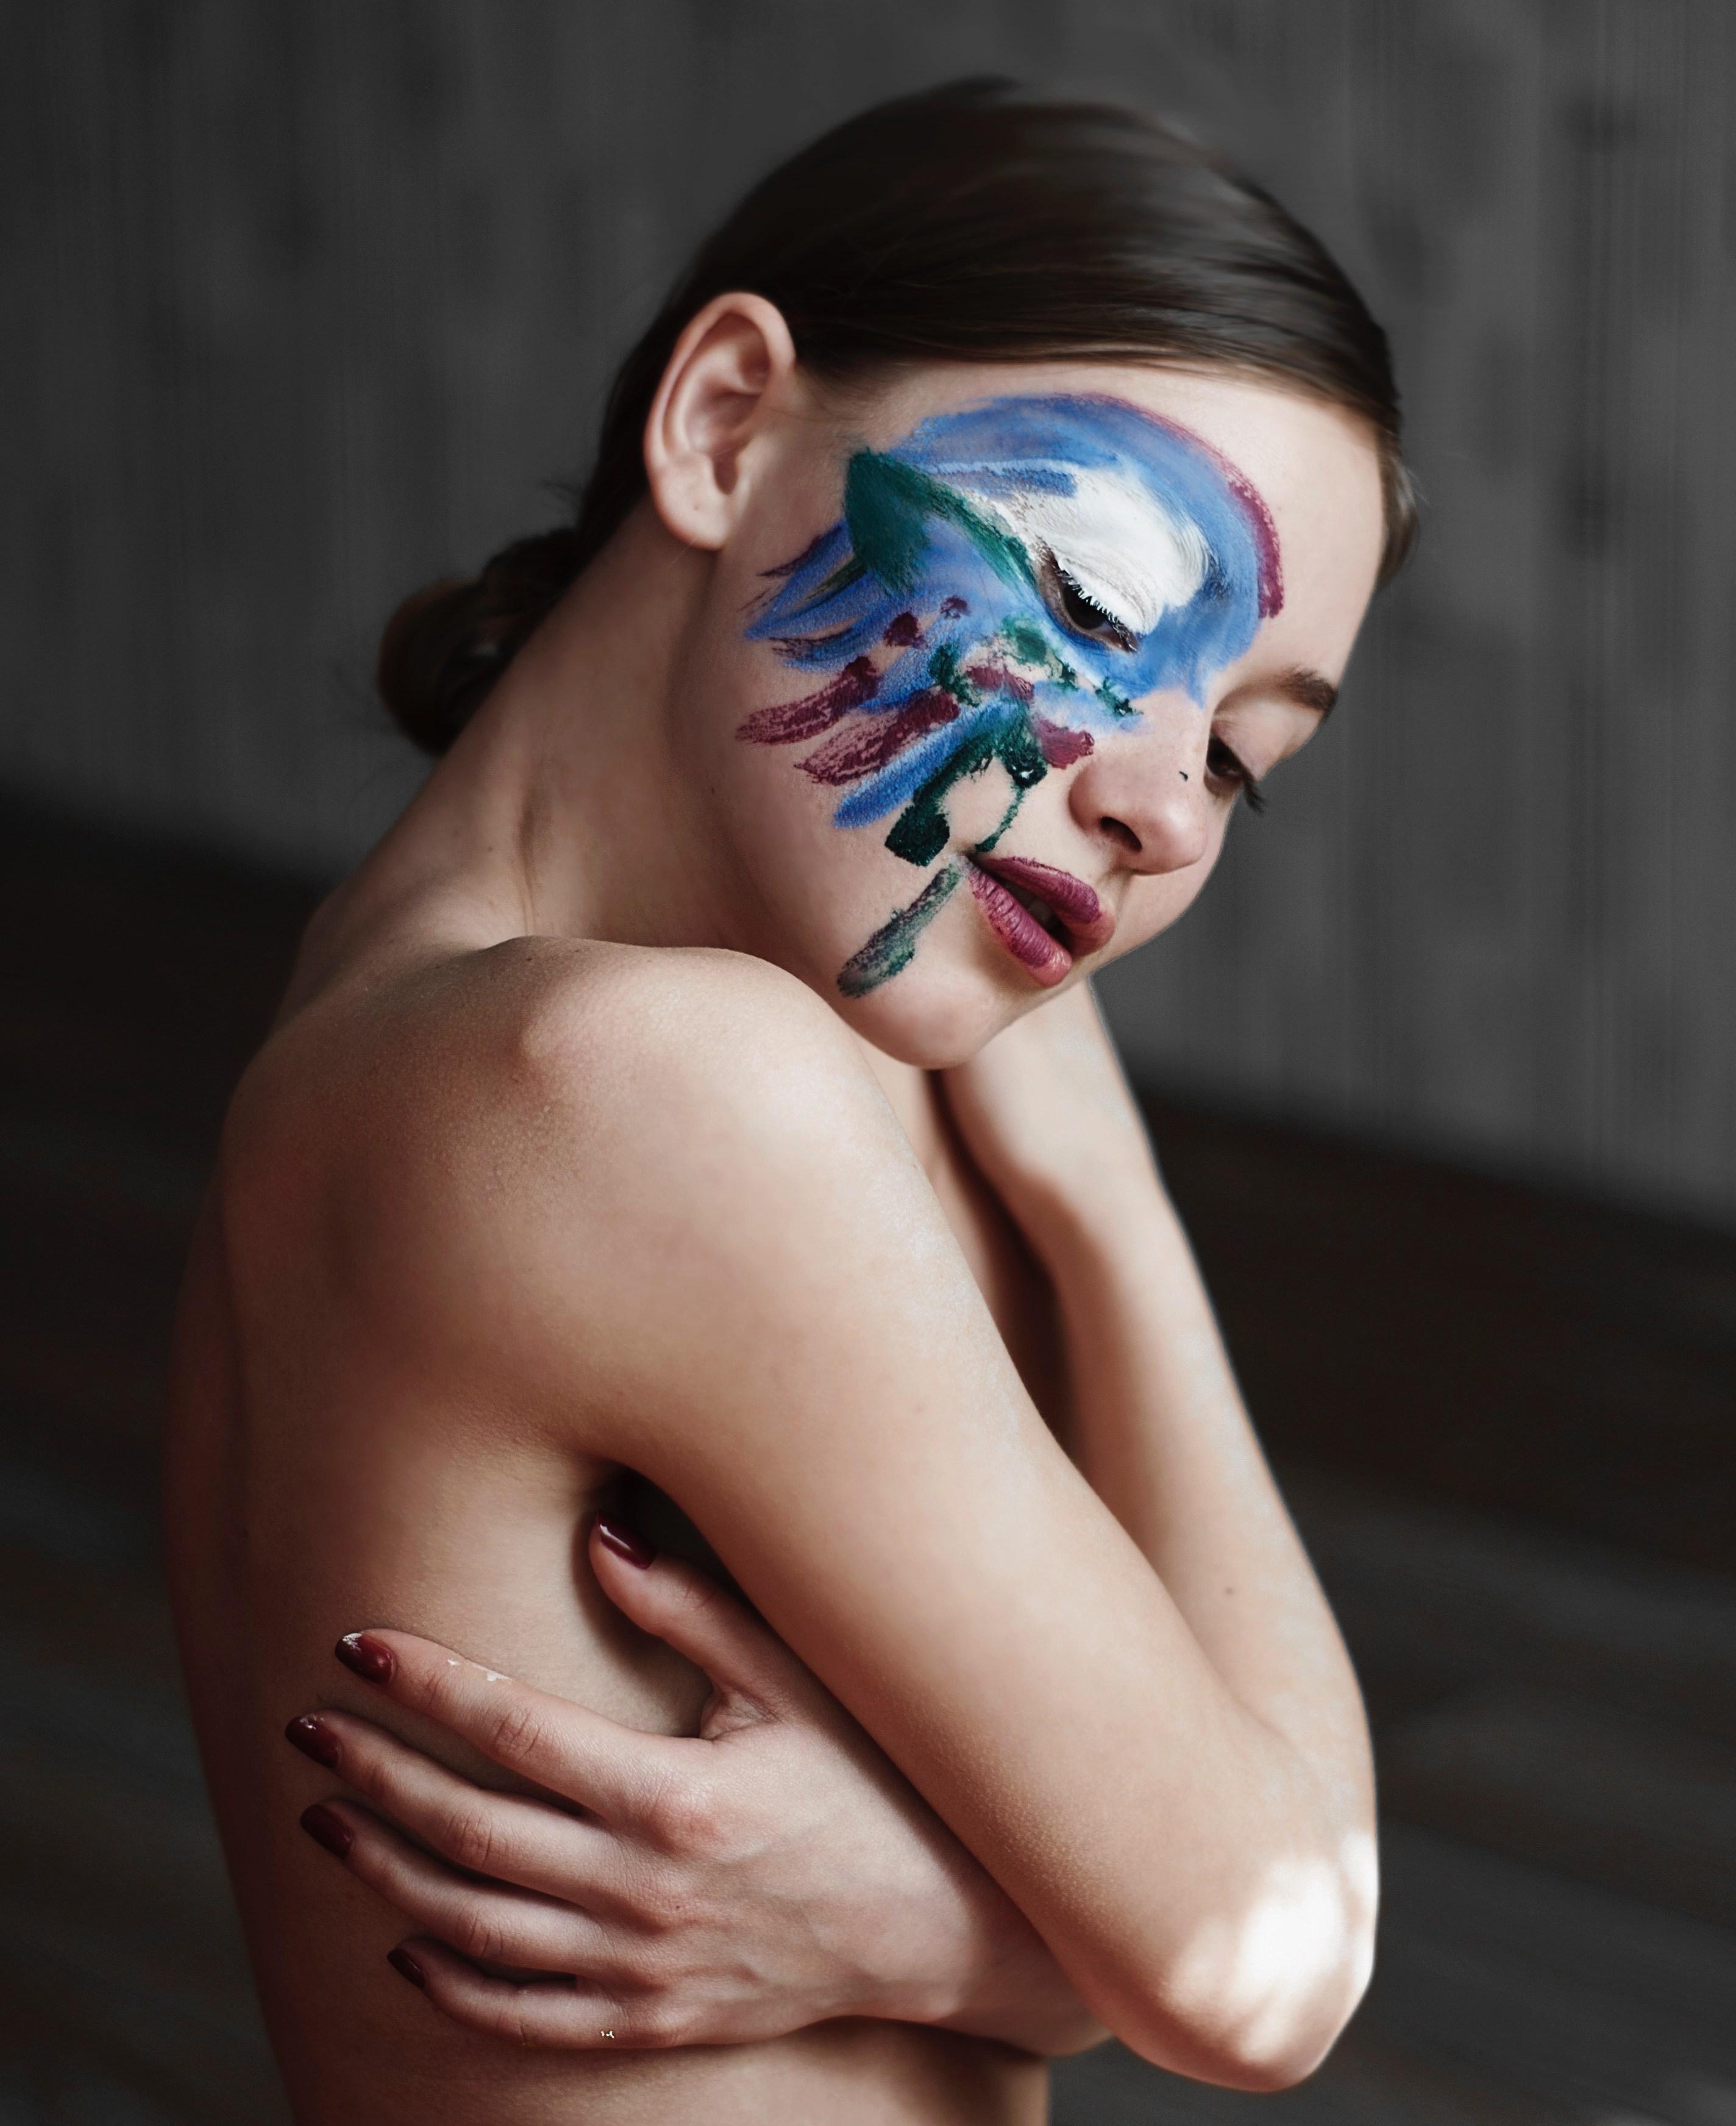 Sữa rửa mặt tẩy trang-Cô gái vẽ lên mặt.